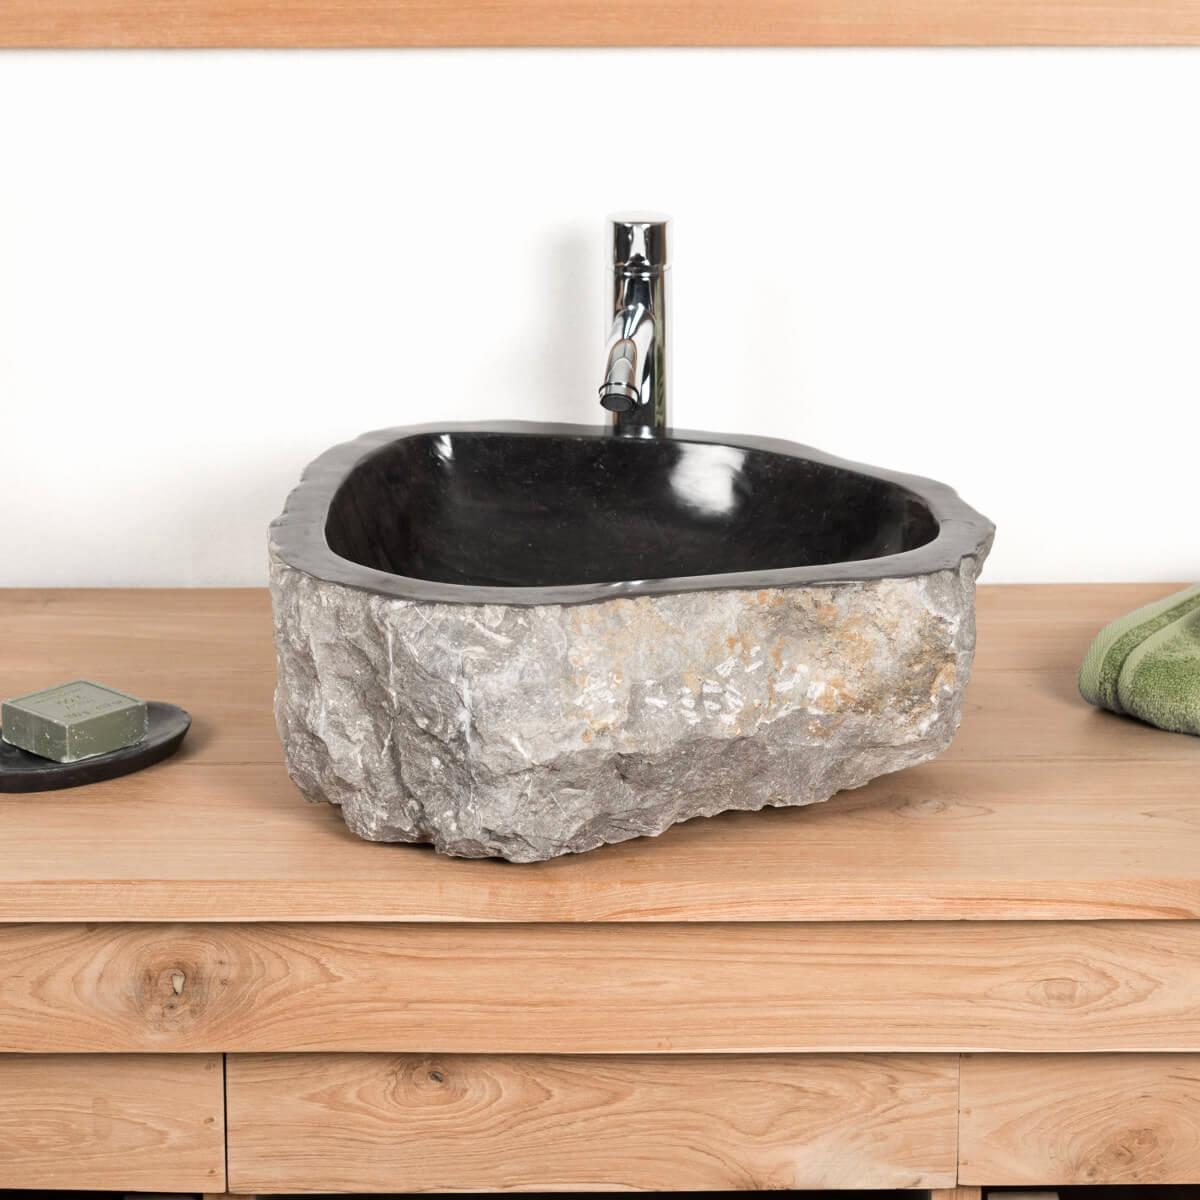 Castorama Vasque A Poser Impressionnant Stock 21 Graphier Vasque A Poser Castorama